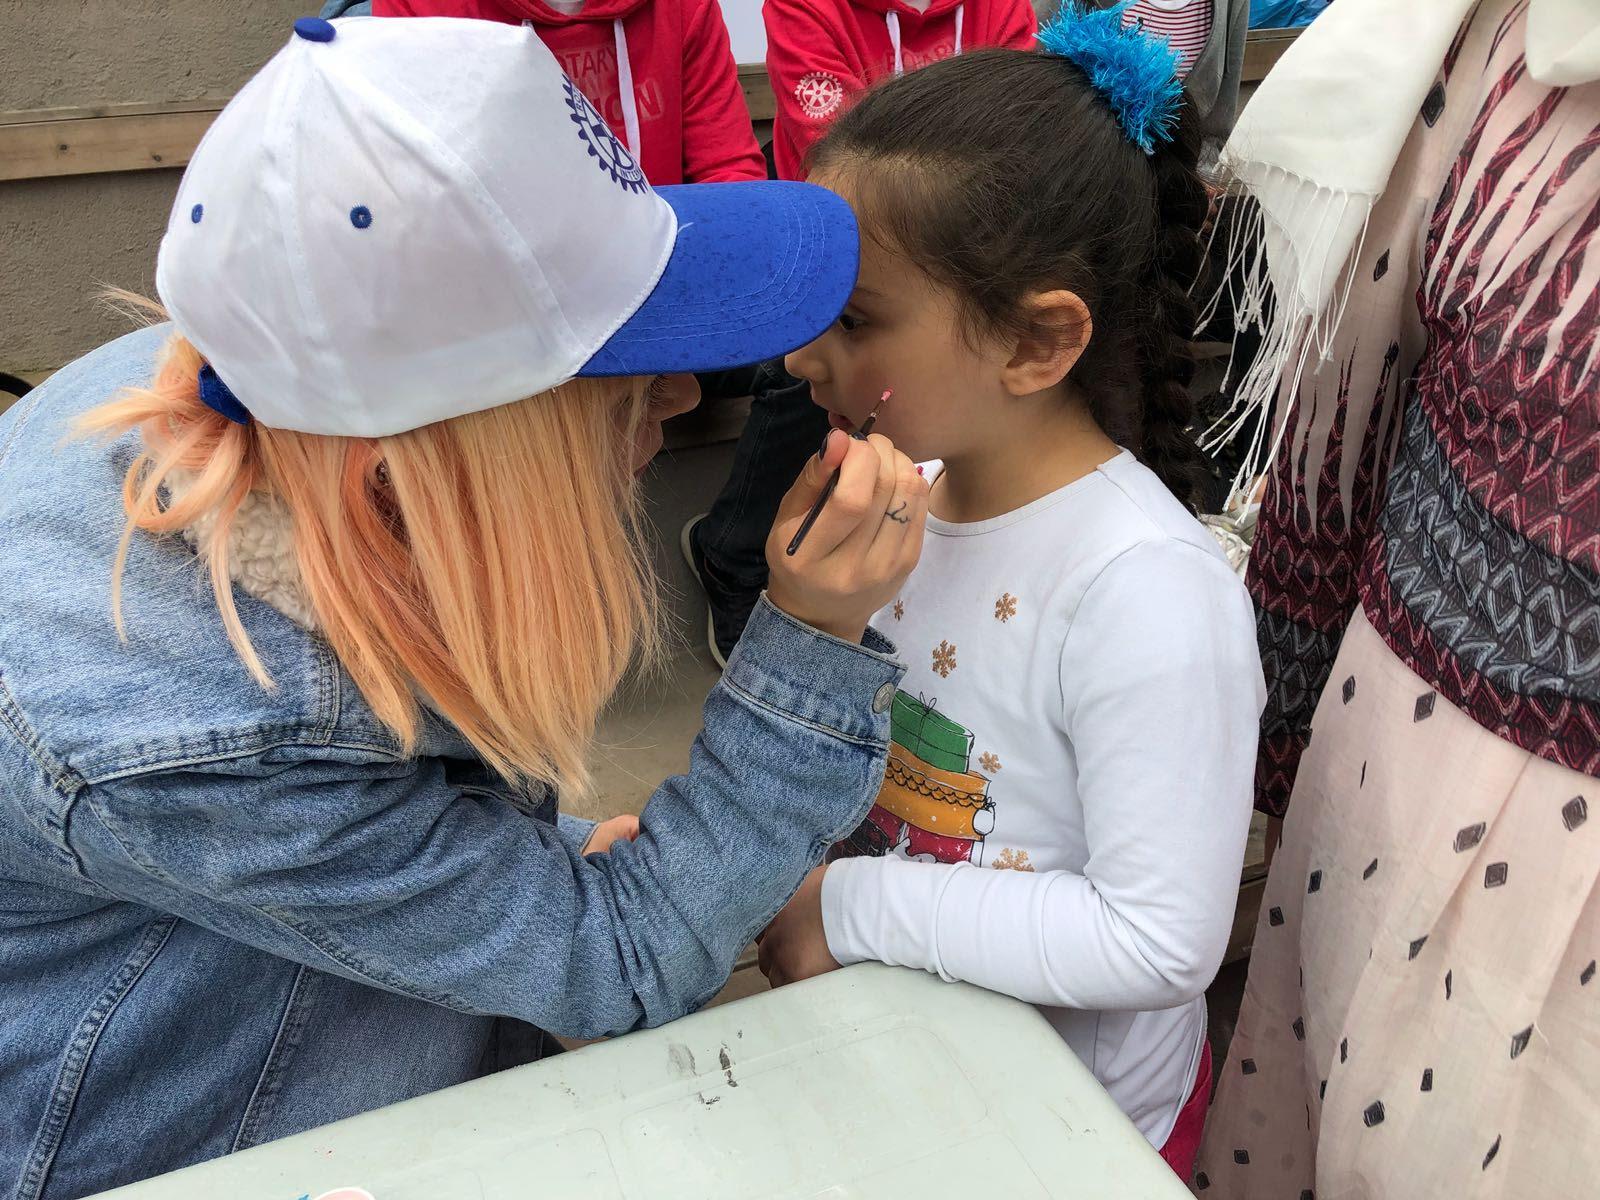 06052018 Kelebek Festivali Yüz Boyama Standı Bakırköy Rotaract